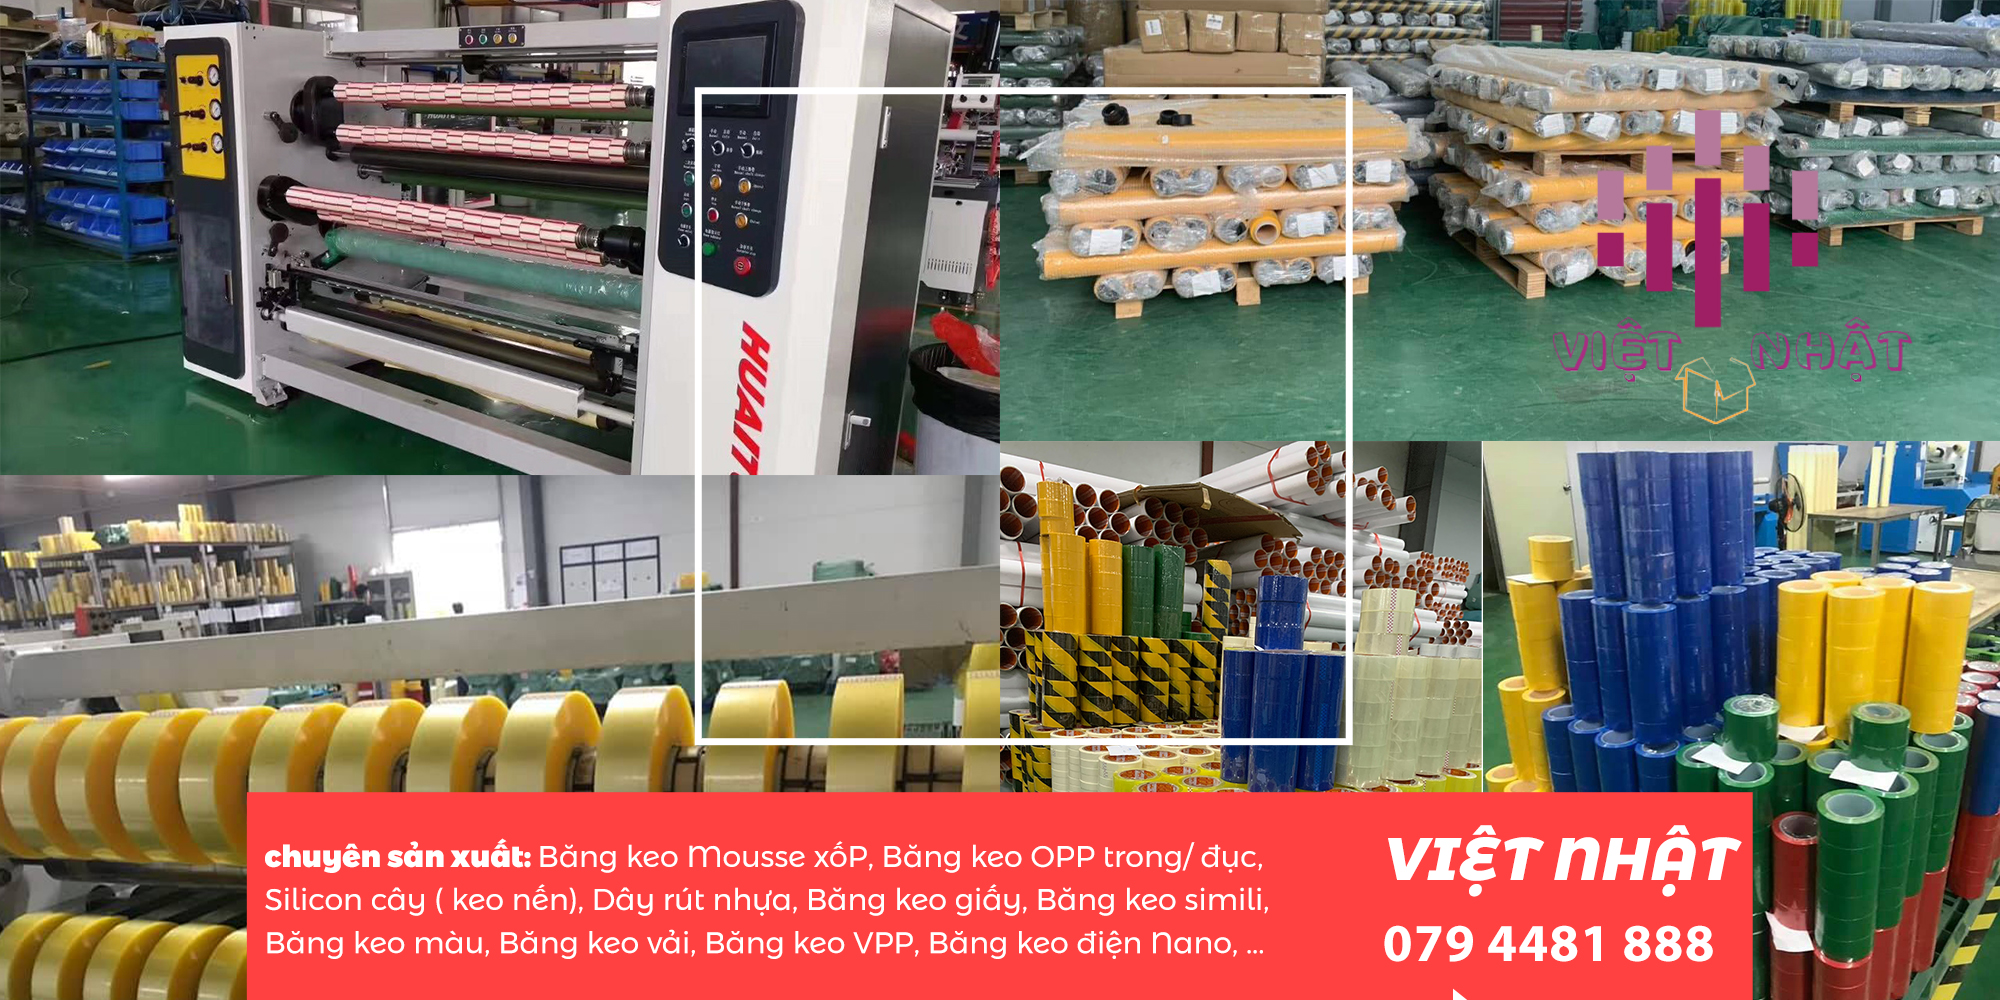 Xưởng sản xuất băng keo giấy chịu nhiệt của việt nhật